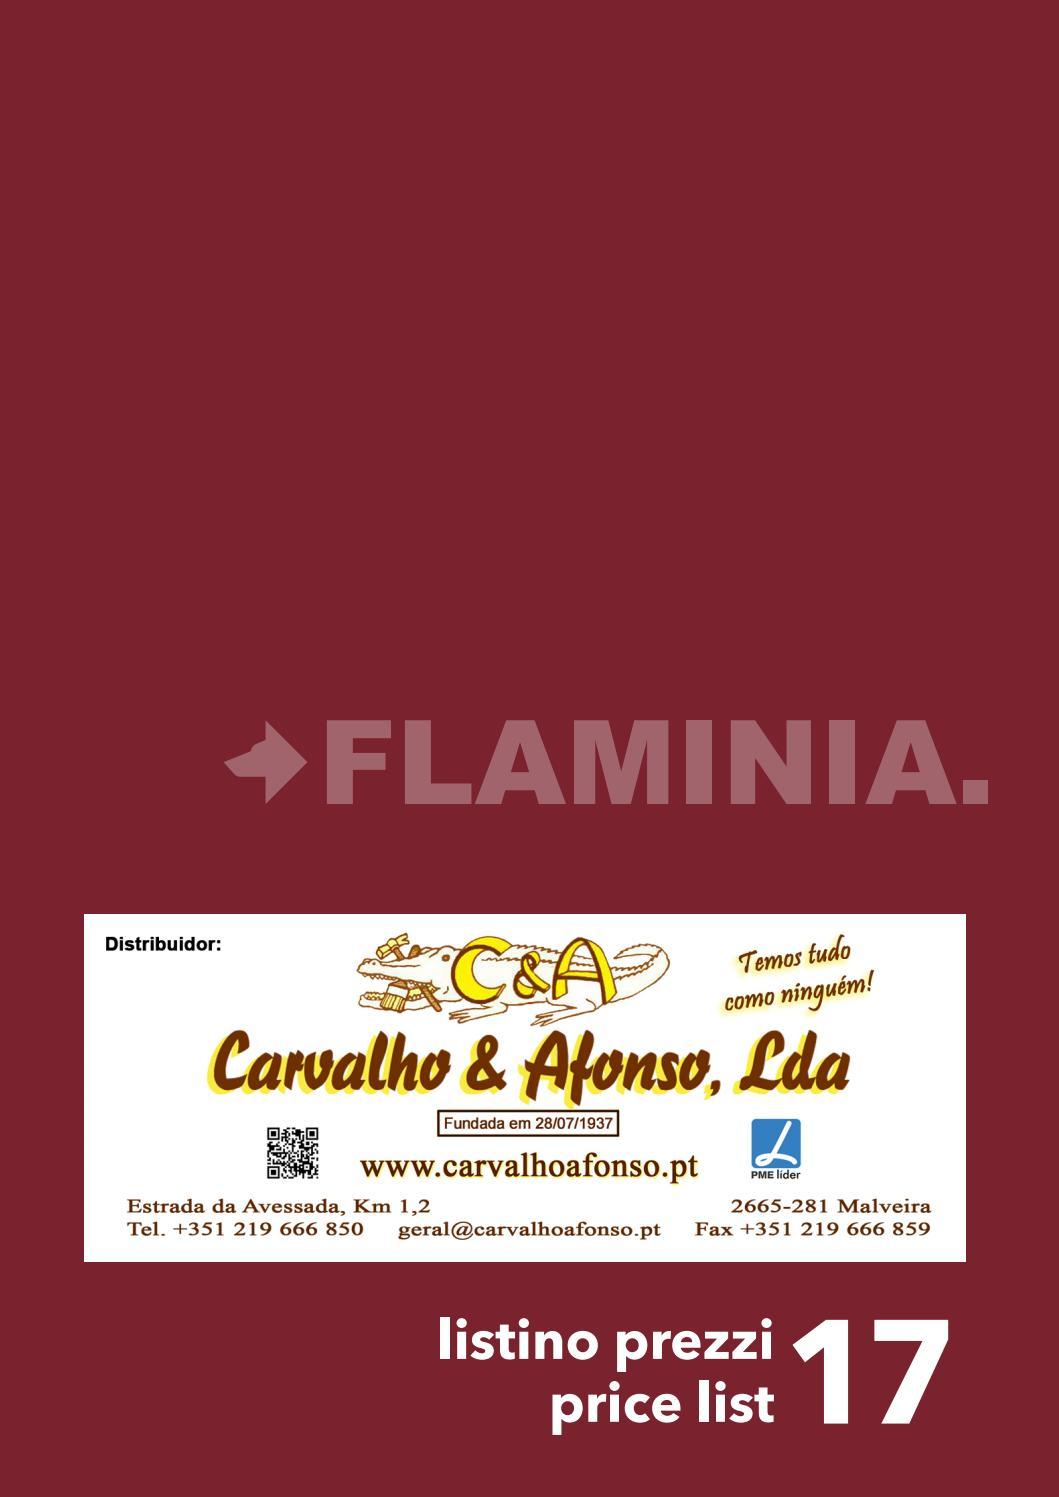 Listino Prezzi Ceramica Flaminia.Flaminia Tabela Precos 2017 Ca By Carvalho Afonso Lda Issuu